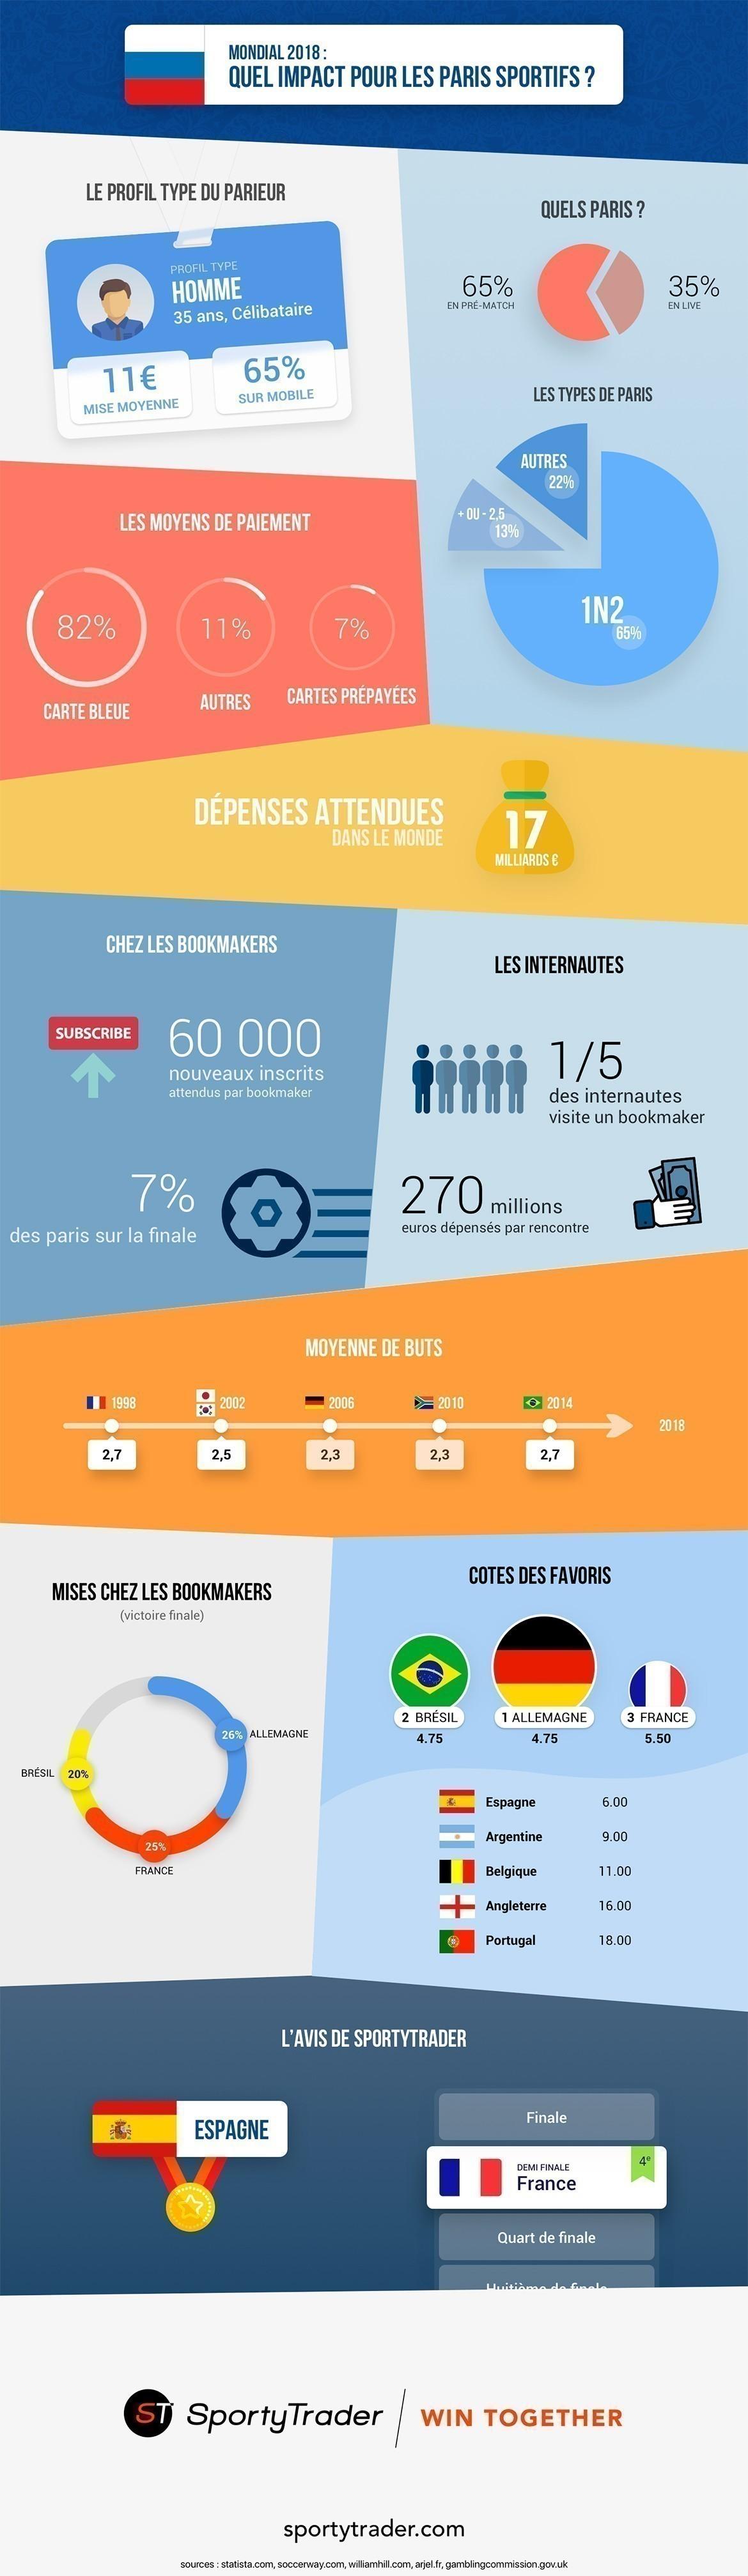 Infographie Statistique Coupe du Monde